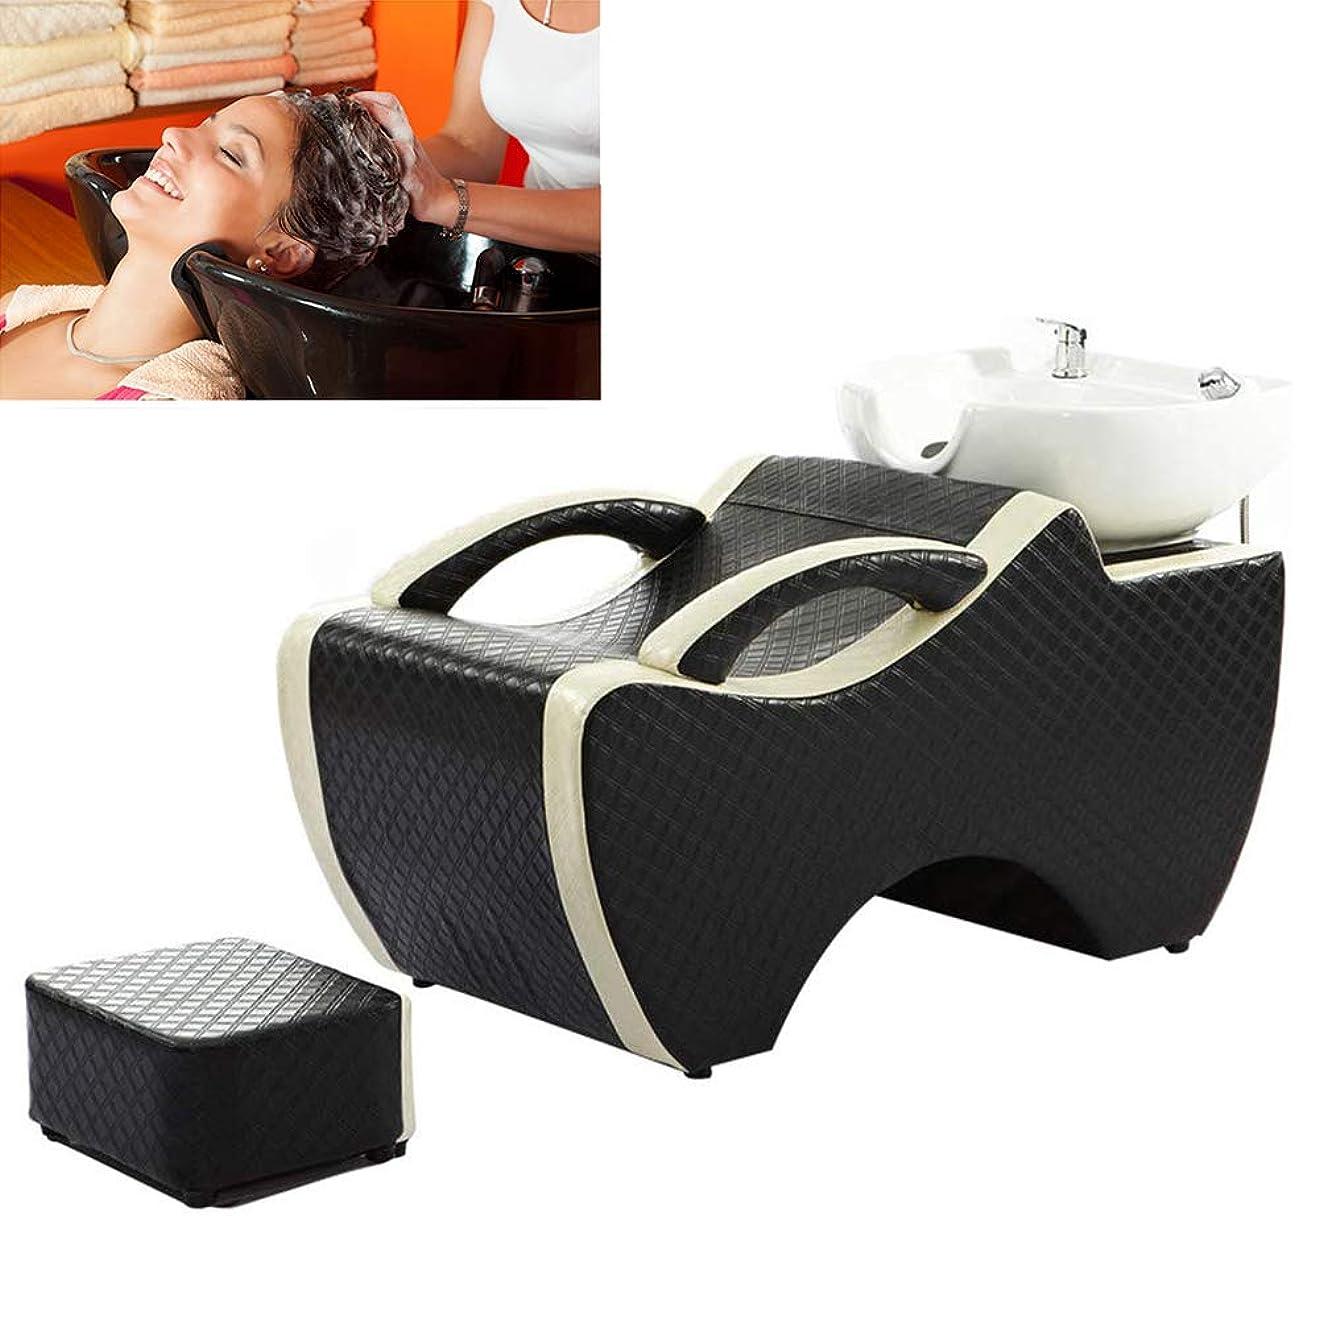 金曜日神経障害摘むサロン用シャンプー椅子とボウル、スパ美容院のベッドの陶磁器の洗面器のための逆洗の単位のシャンプーボールの理髪の流しの椅子